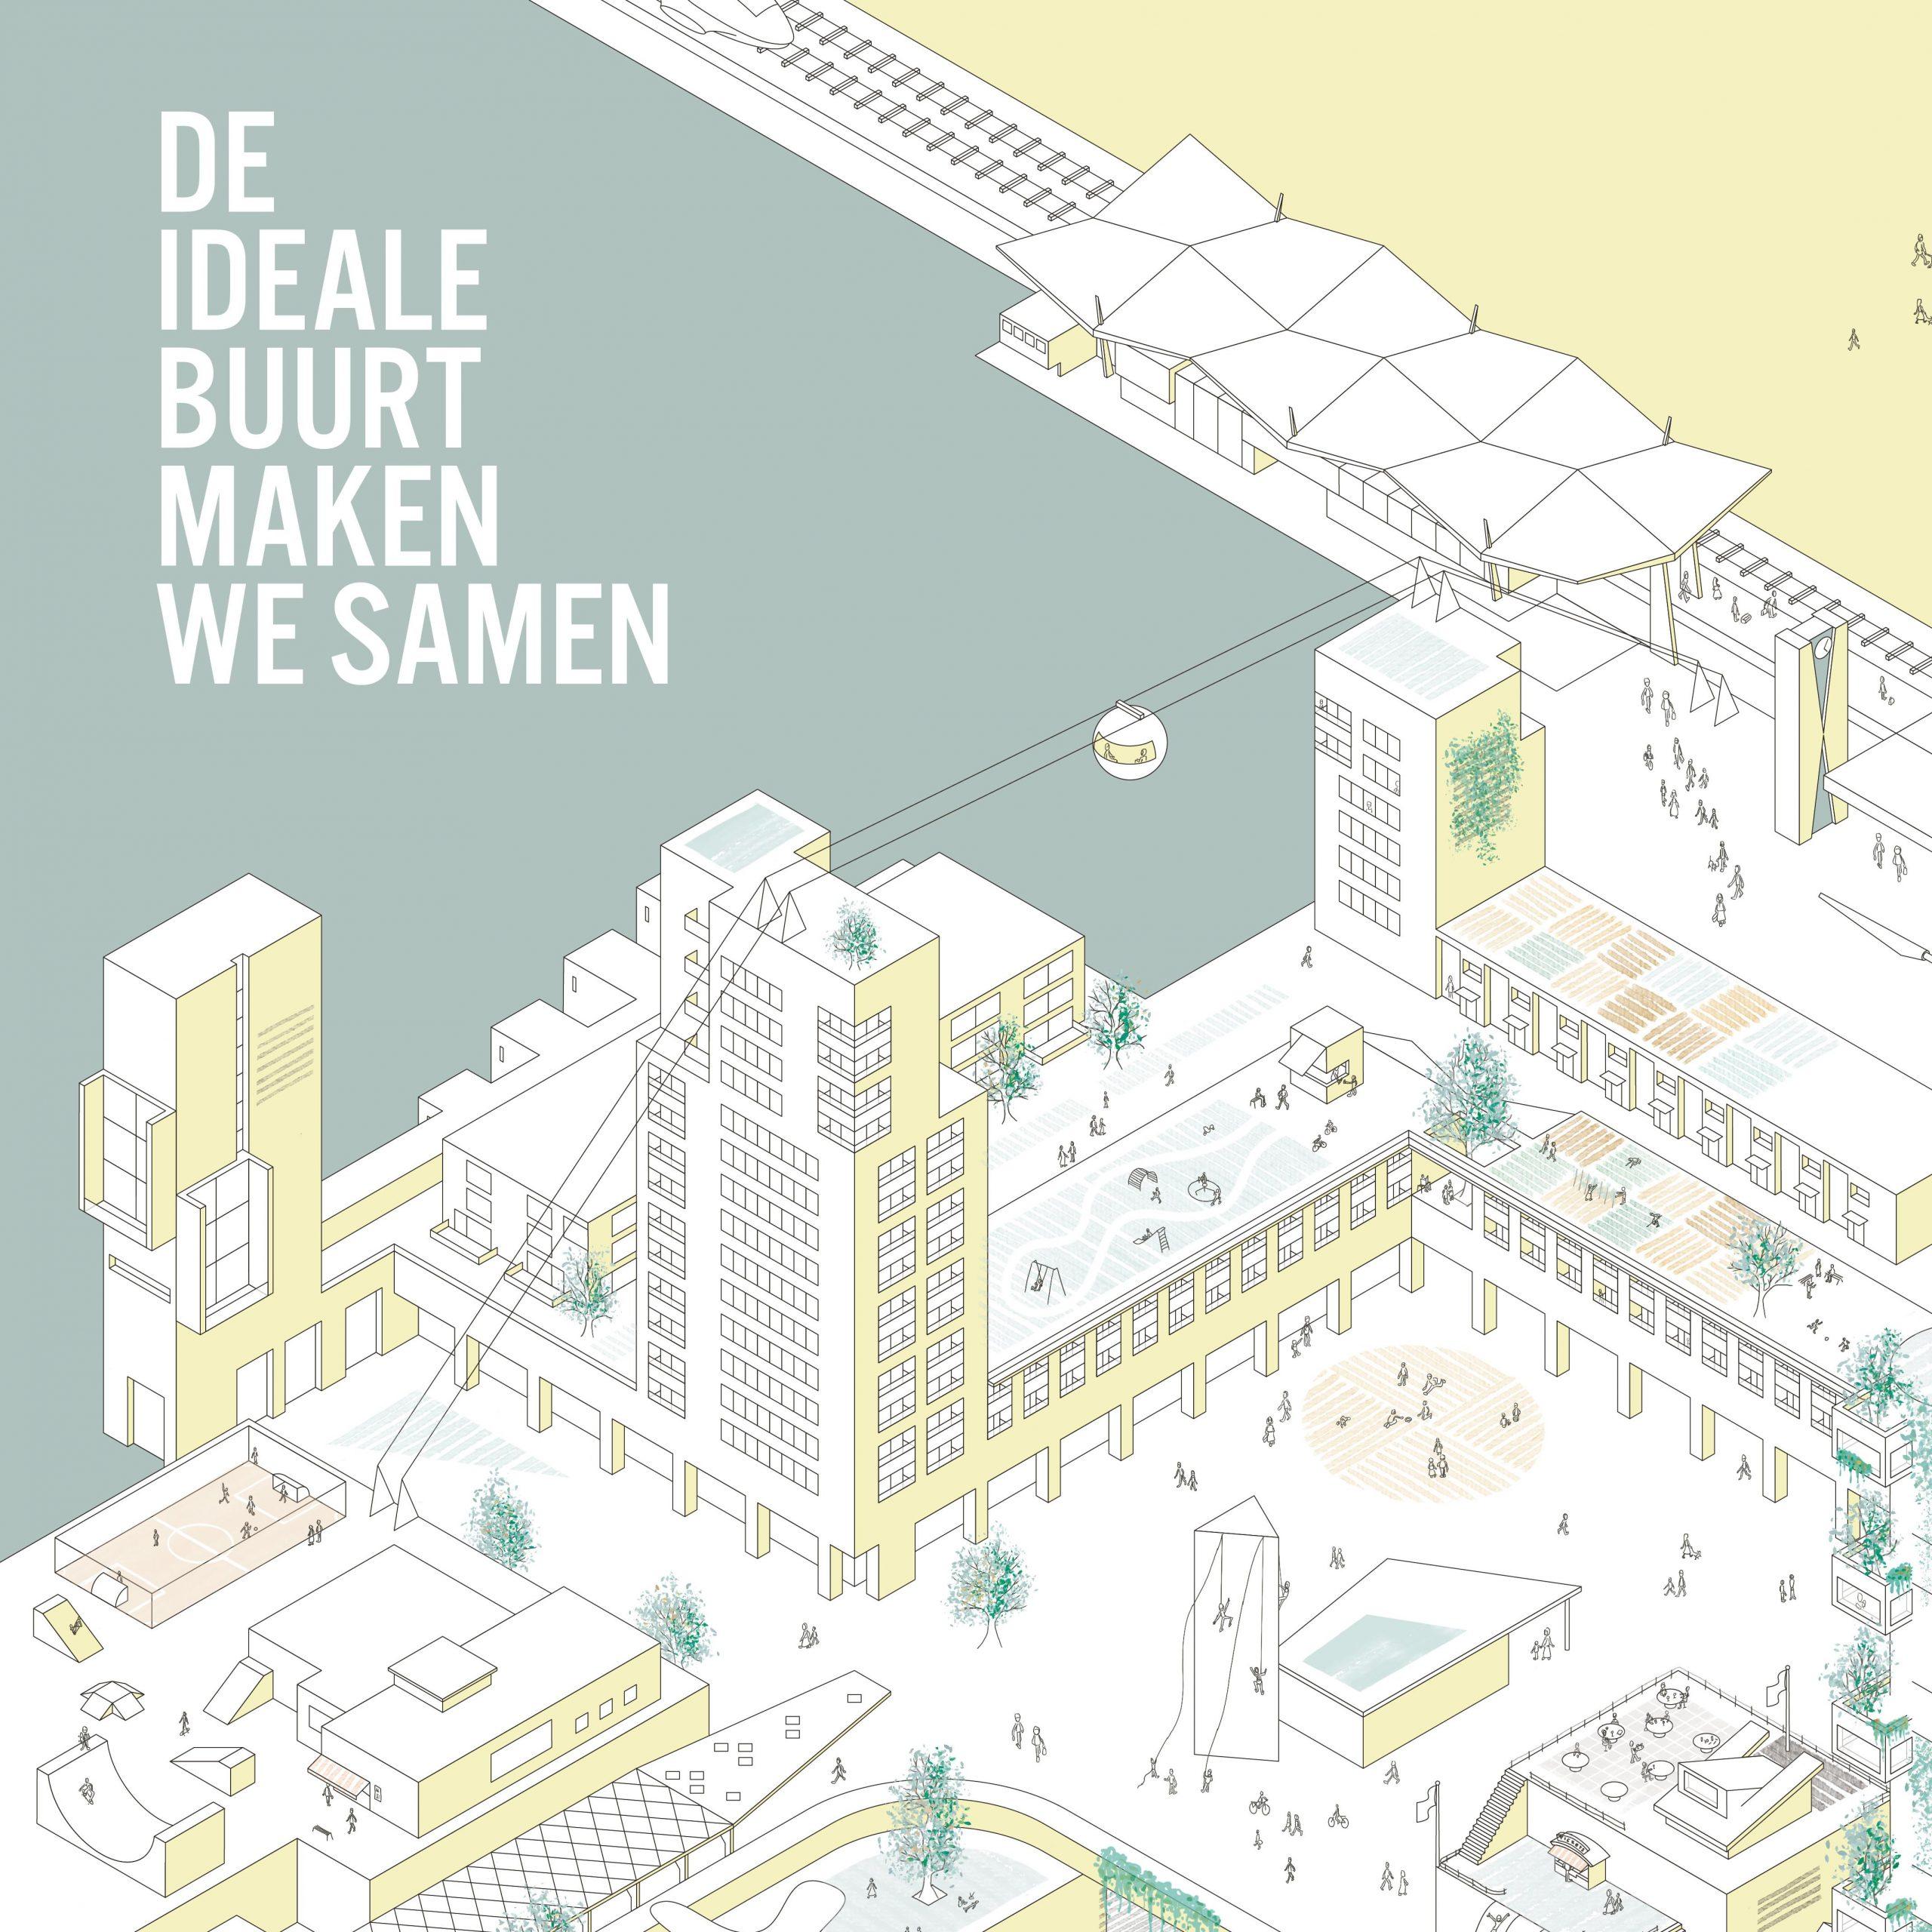 Cast Tilburg - De ideale buurt maken we samen